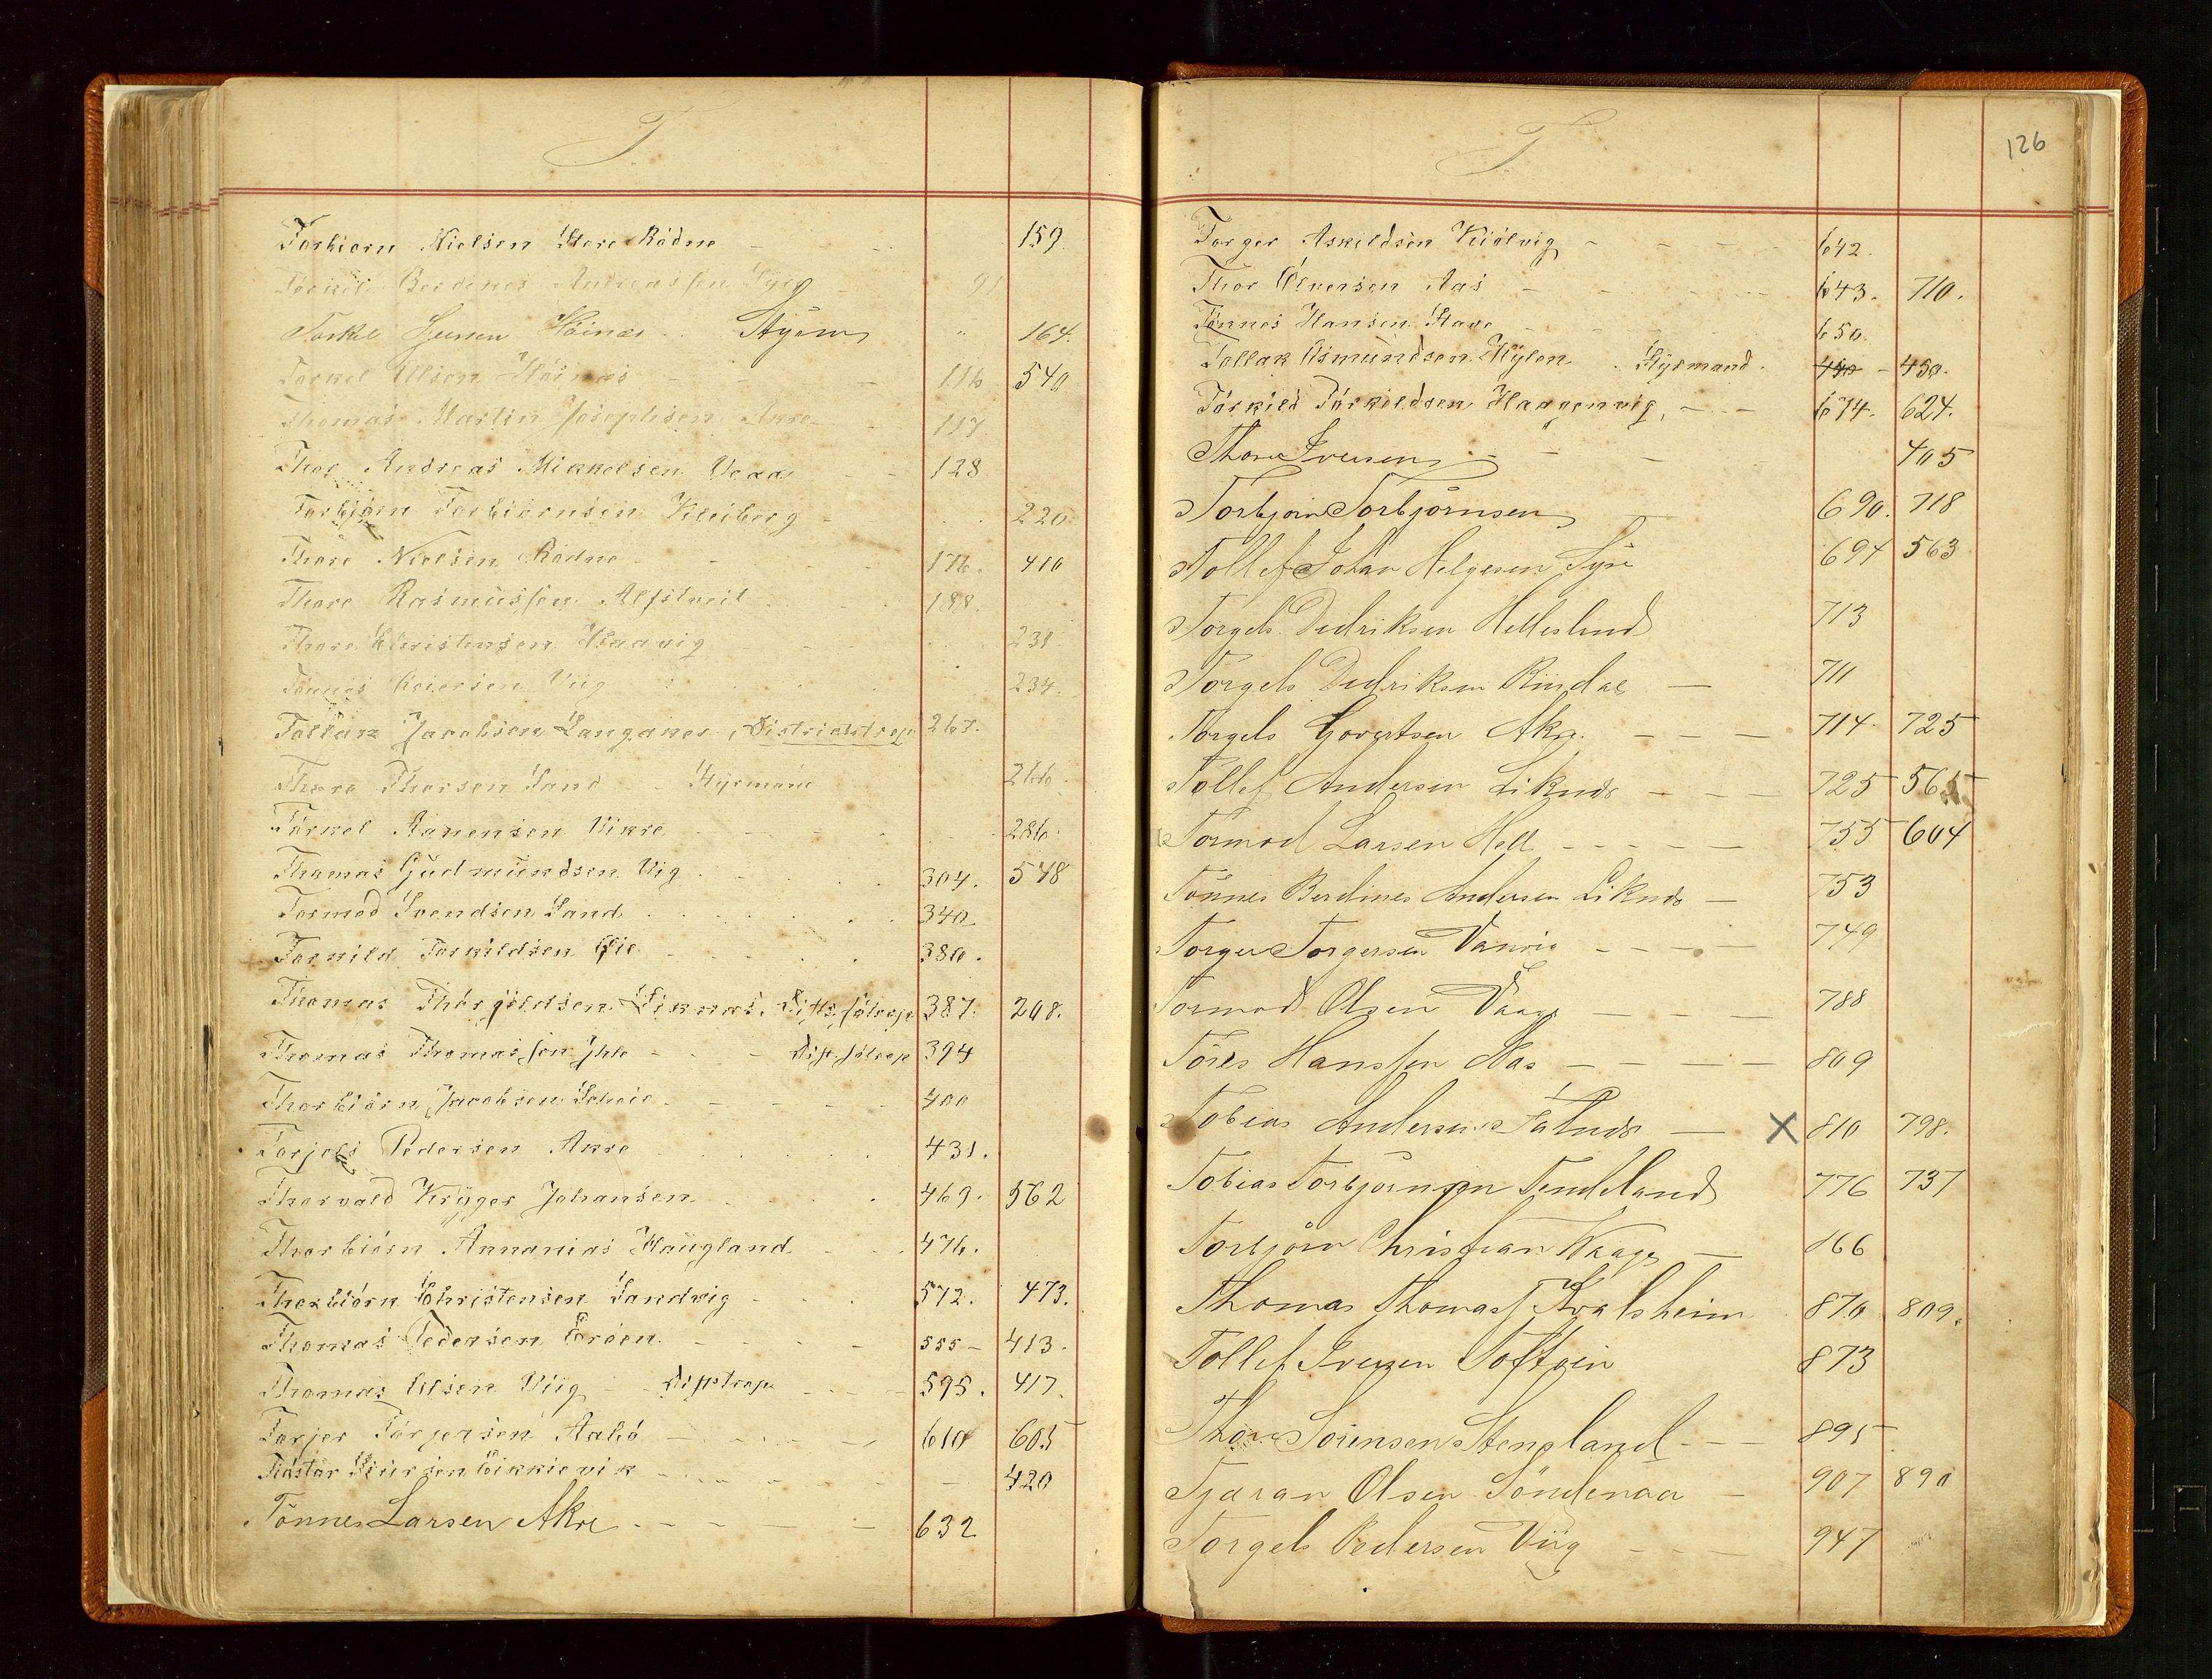 SAST, Haugesund sjømannskontor, F/Fb/Fba/L0003: Navneregister med henvisning til rullenummer (fornavn) Haugesund krets, 1860-1948, p. 126